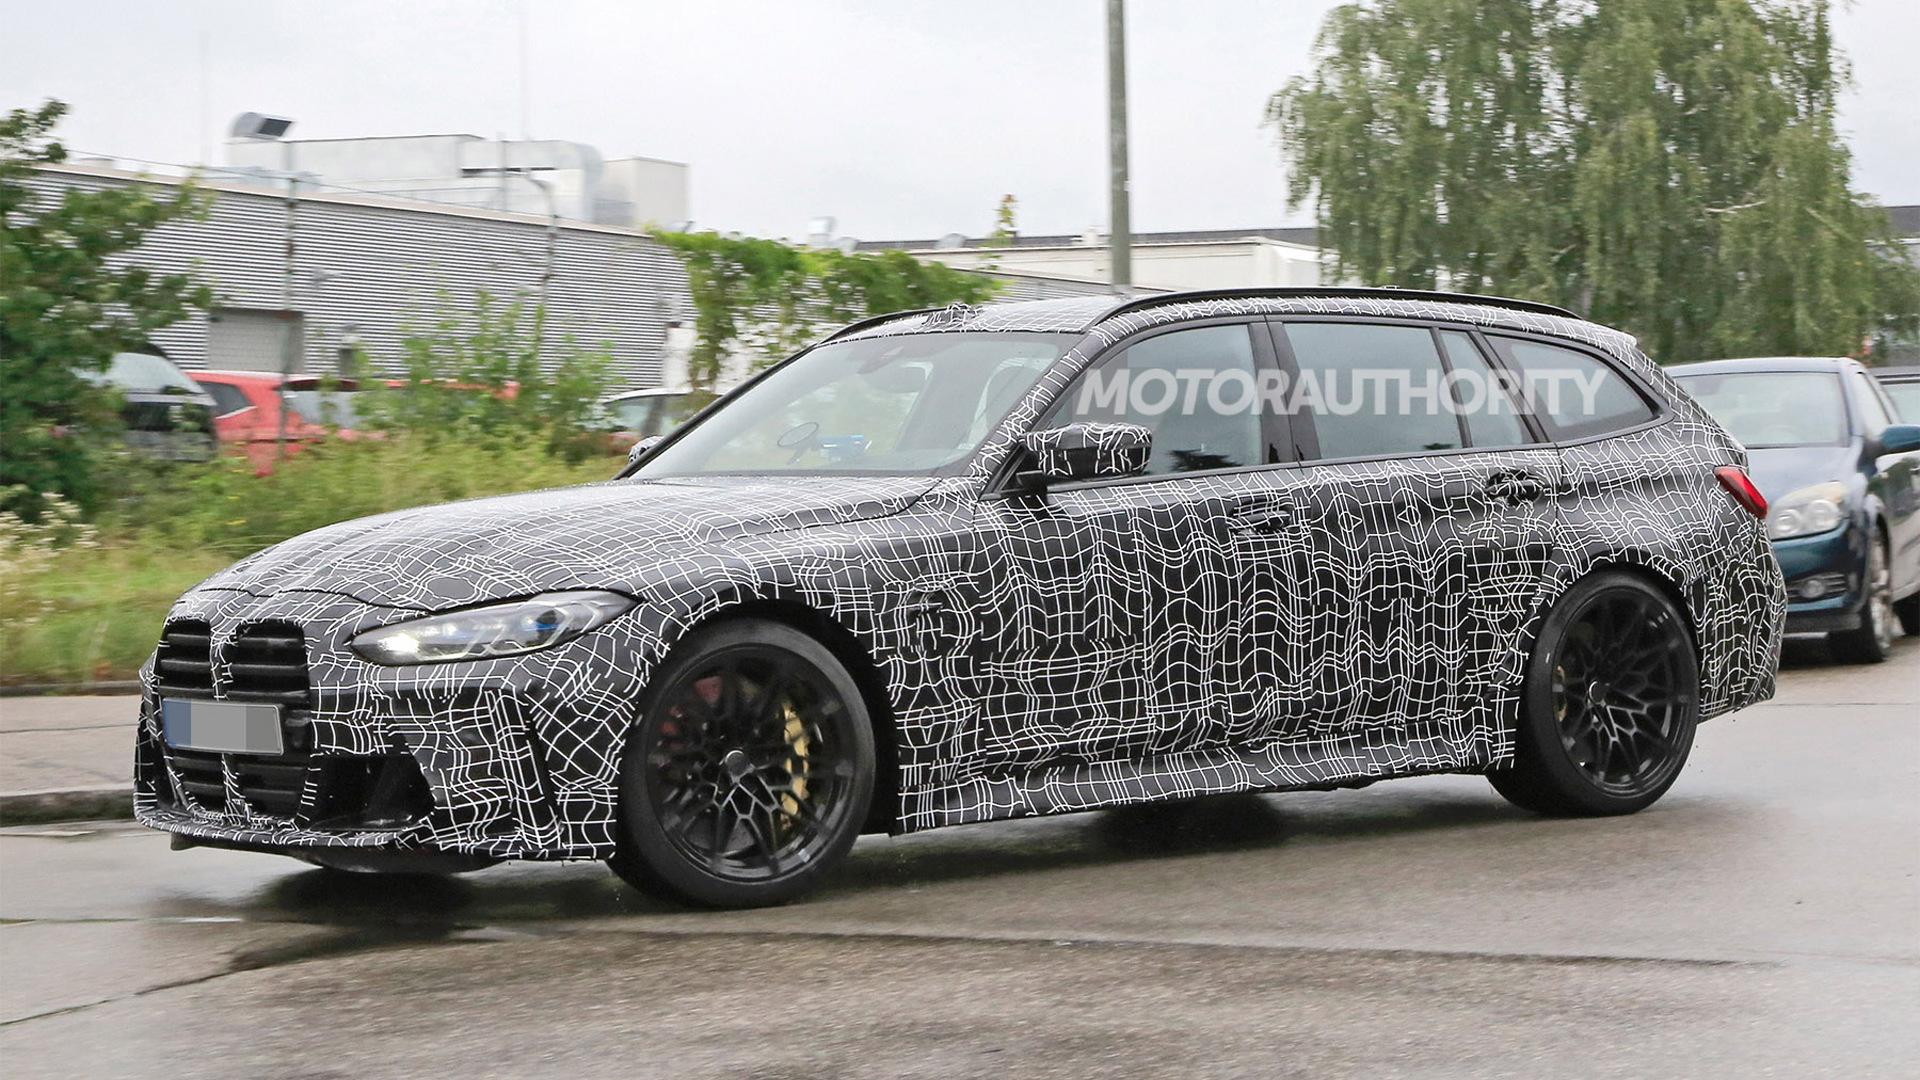 2022 BMW M3 Touring spy shots - Photo credit:S. Baldauf/SB-Medien